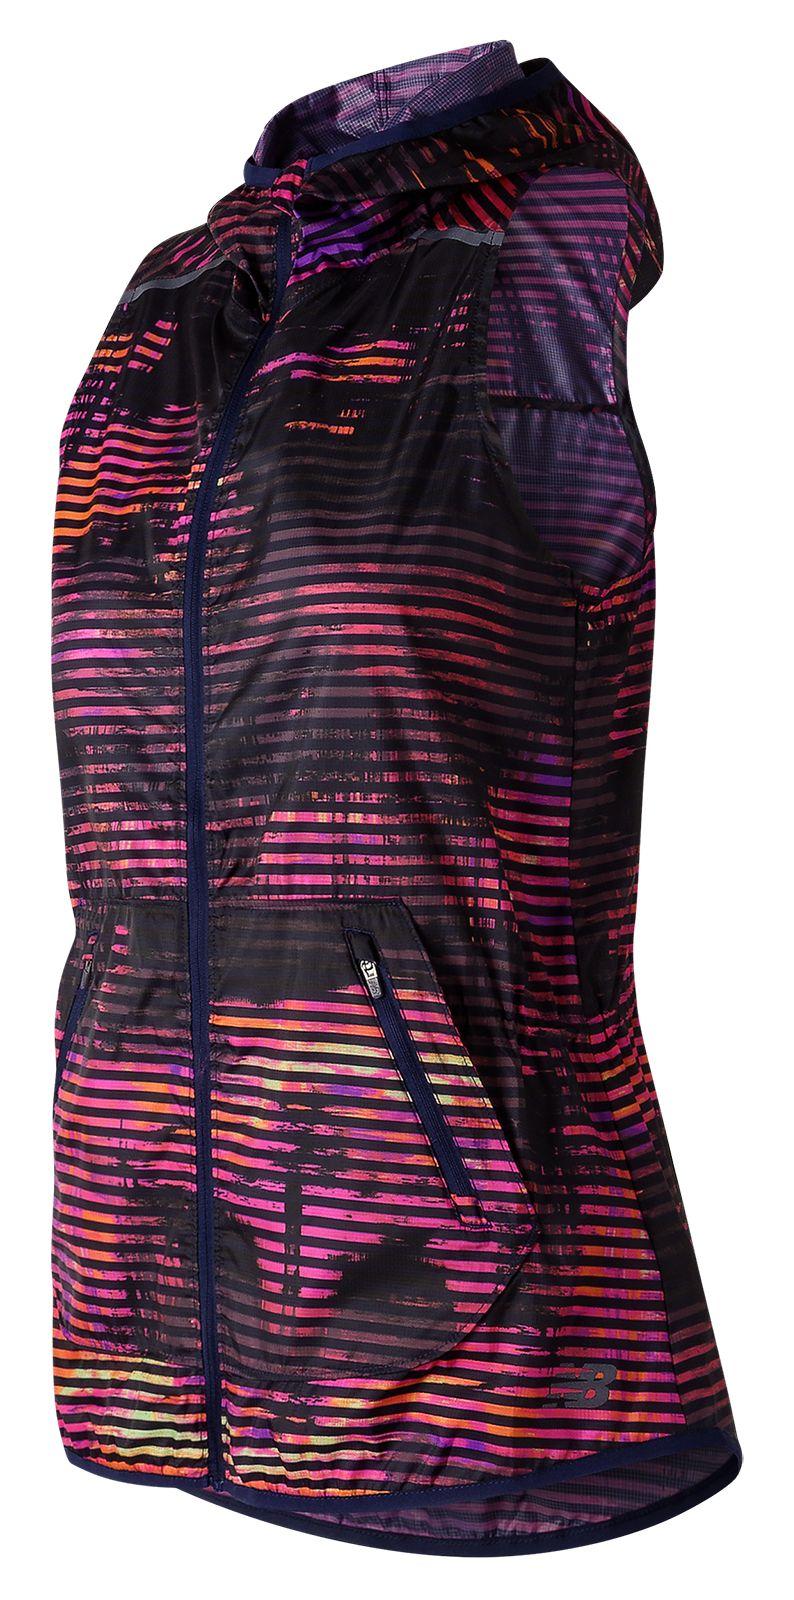 NB Windcheater Printed Vest, Striped Velocity